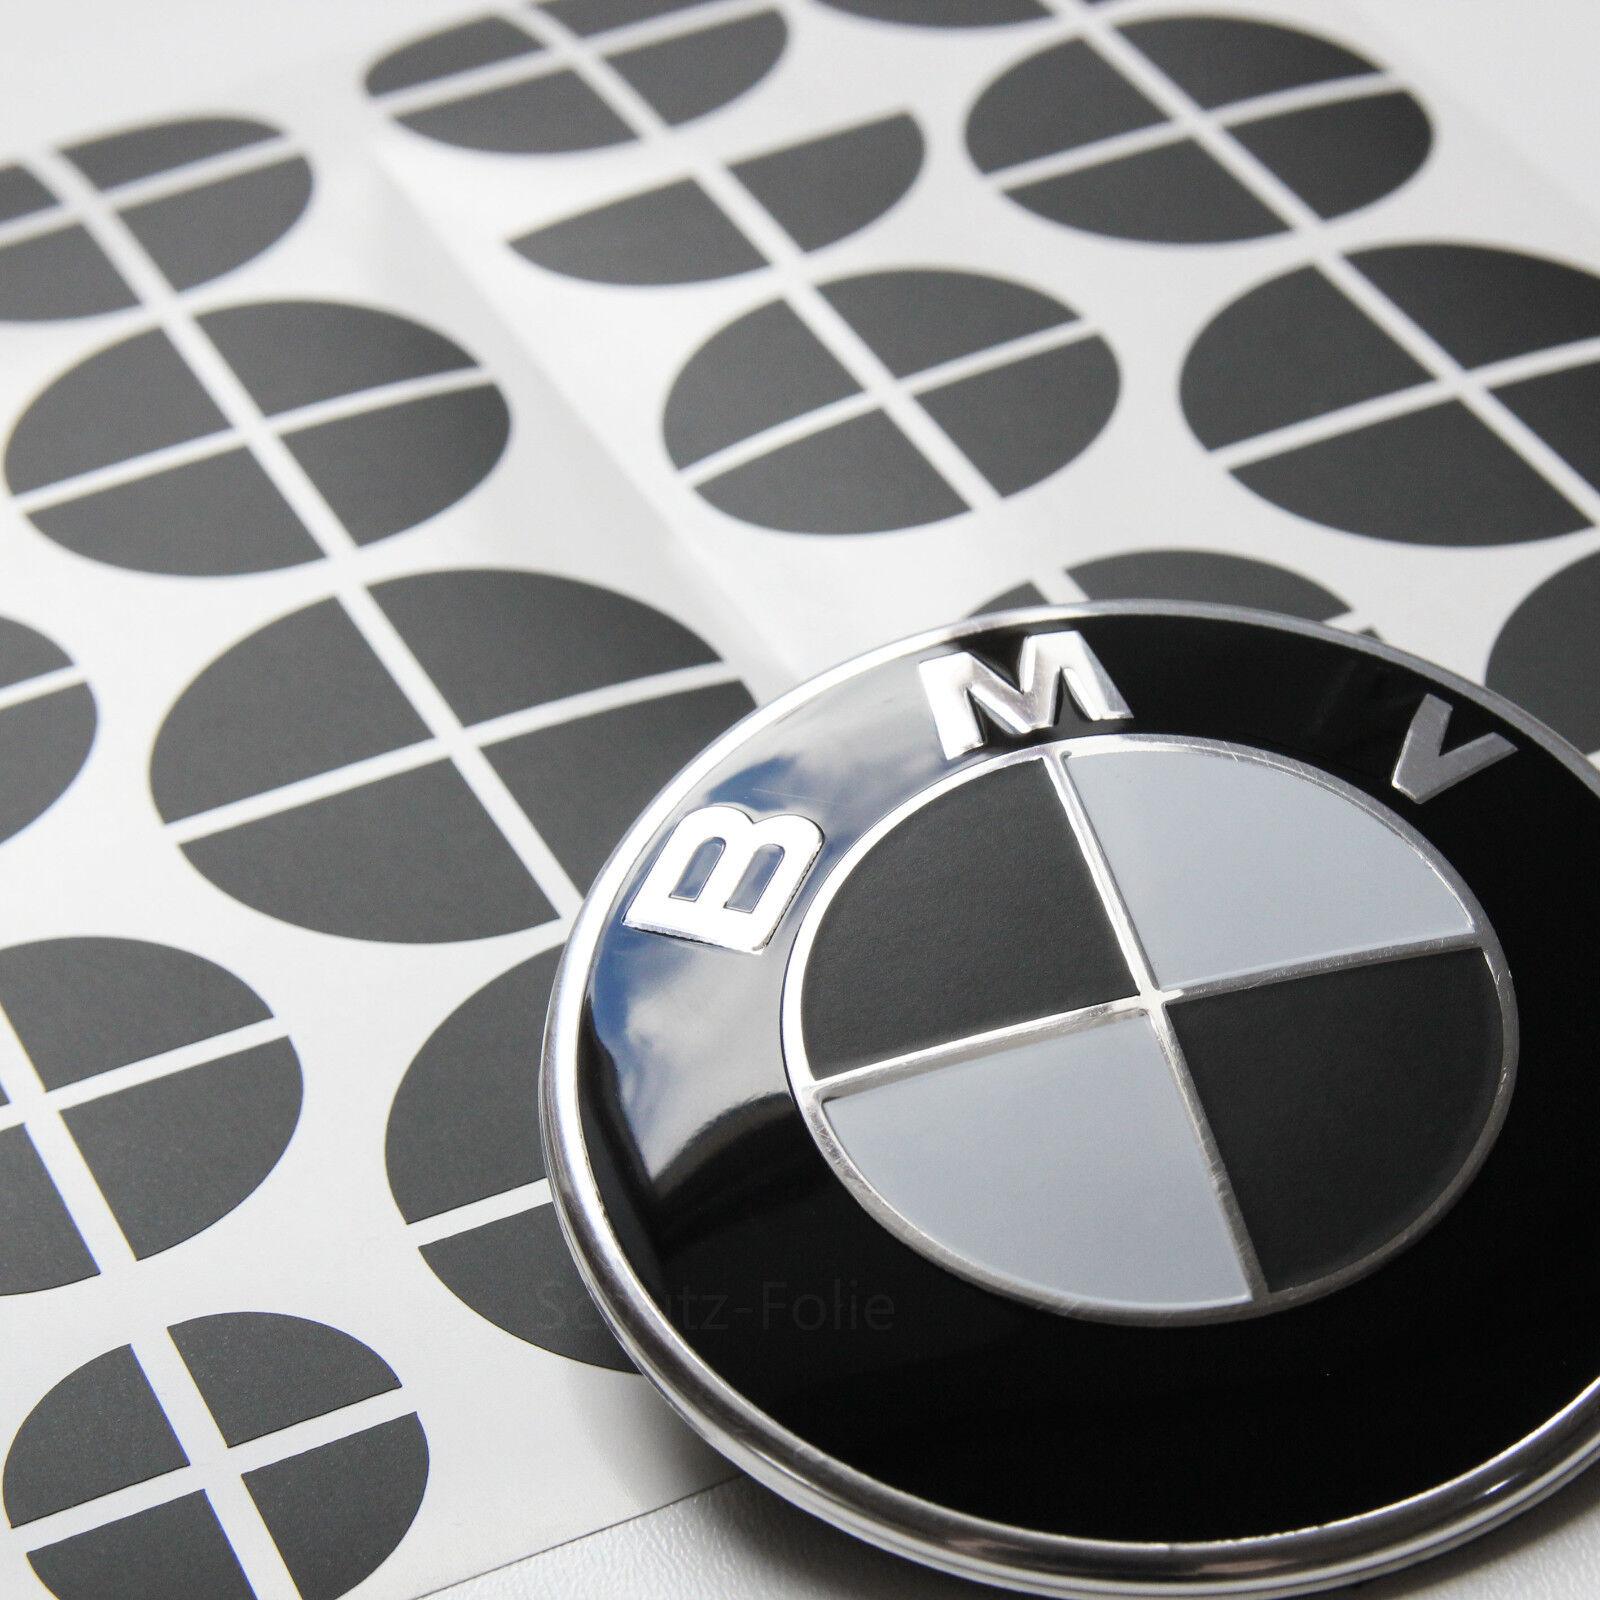 Set für alle Embleme am Auto in matt schwarz 58 tlg BMW Emblem Aufkleber